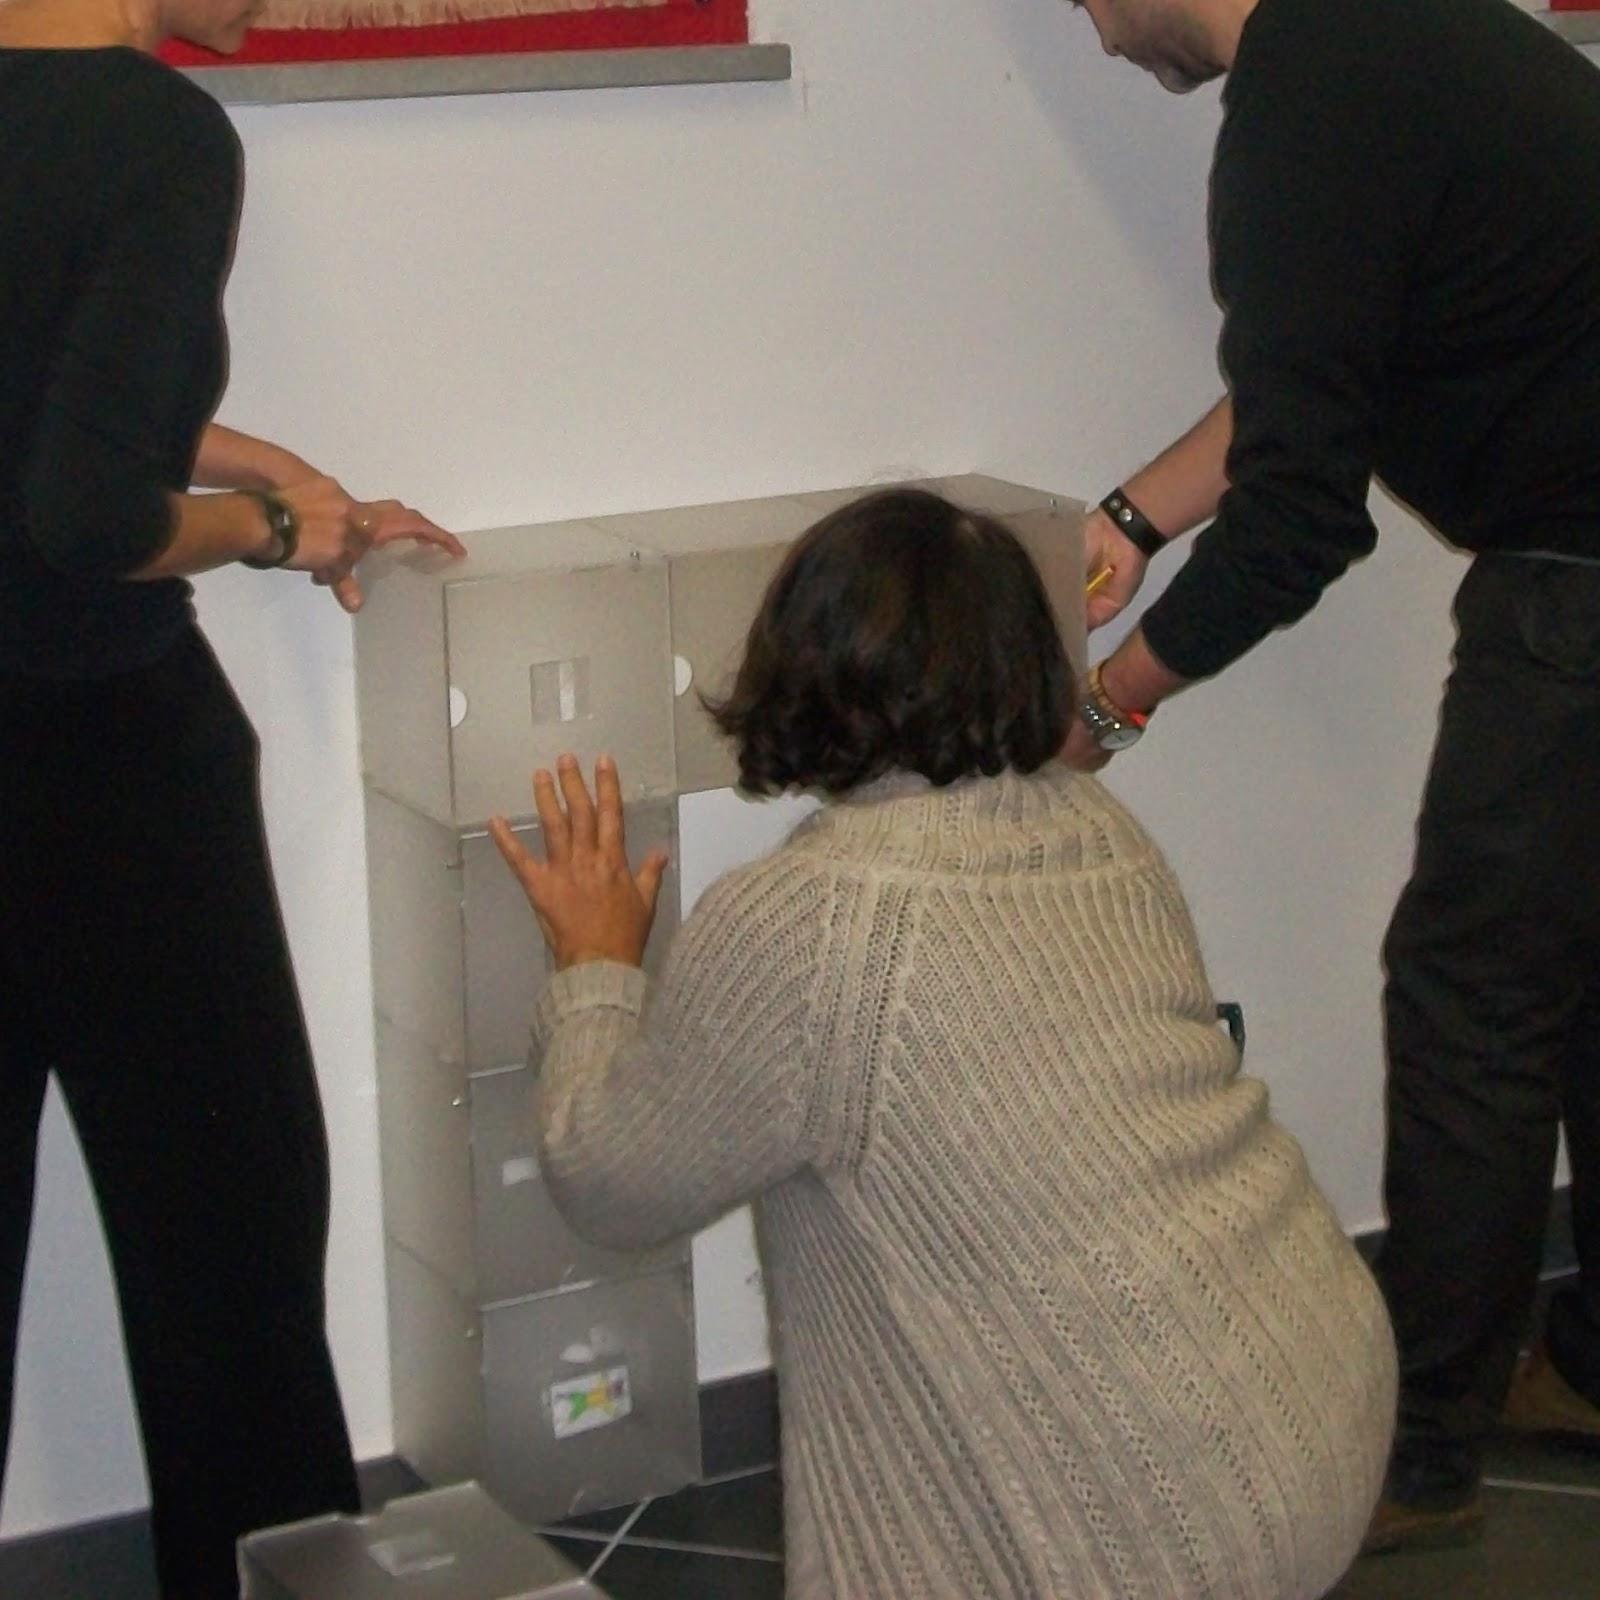 Organizzare lo spazio e arredare con materiali riciclati - Foto 4